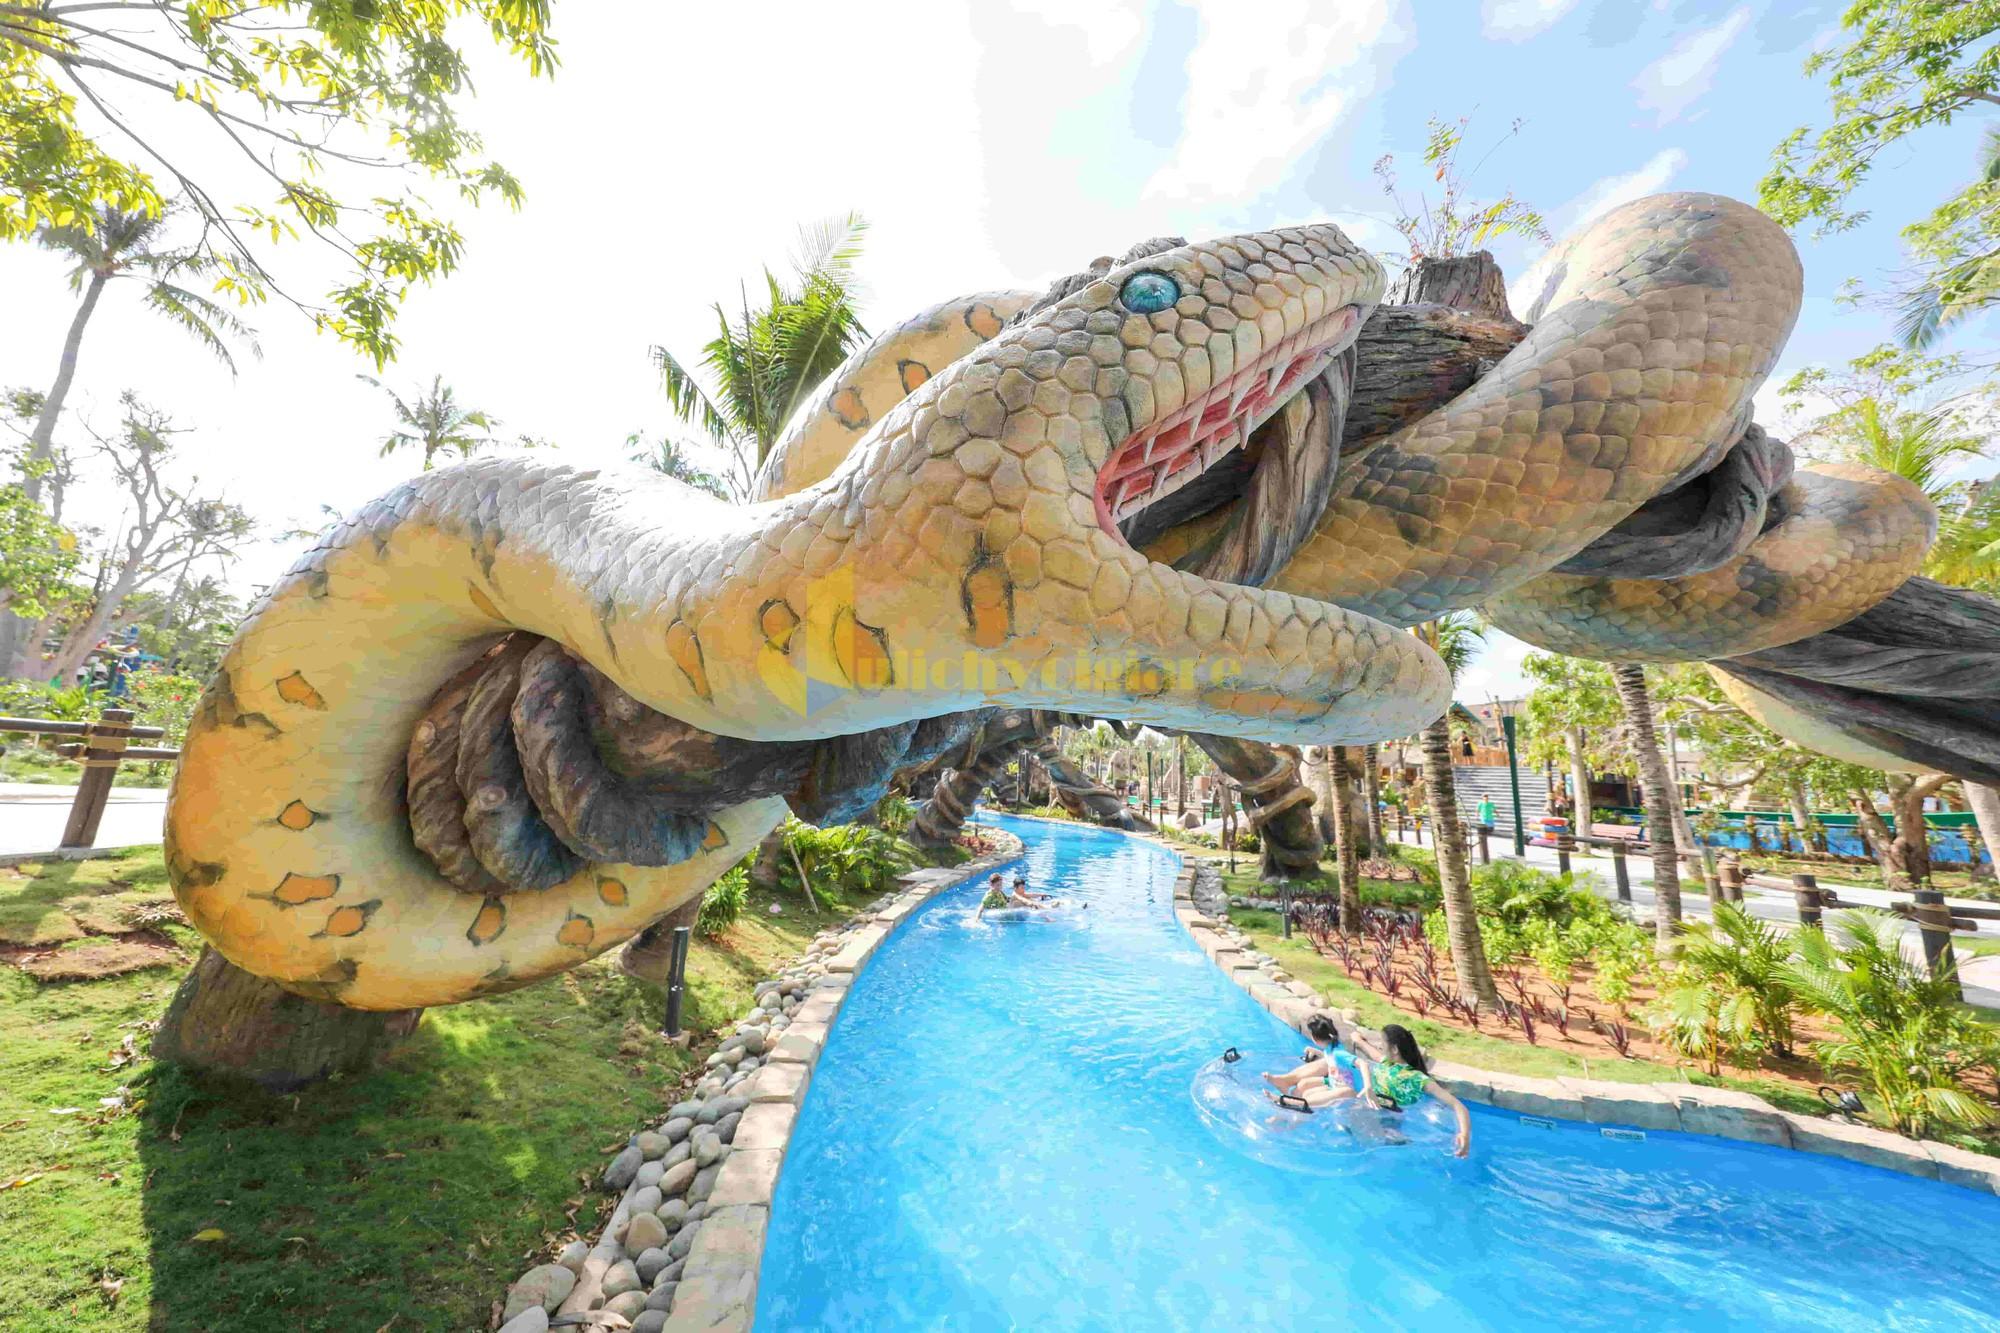 cac-tro-choi-danh-cho-gia-dinh-day-thu-vi-tai-aquatopia-water-park-1577546553718180803738 10 hoạt động thú vị ở Sunworld Hòn Thơm Phú Quốc